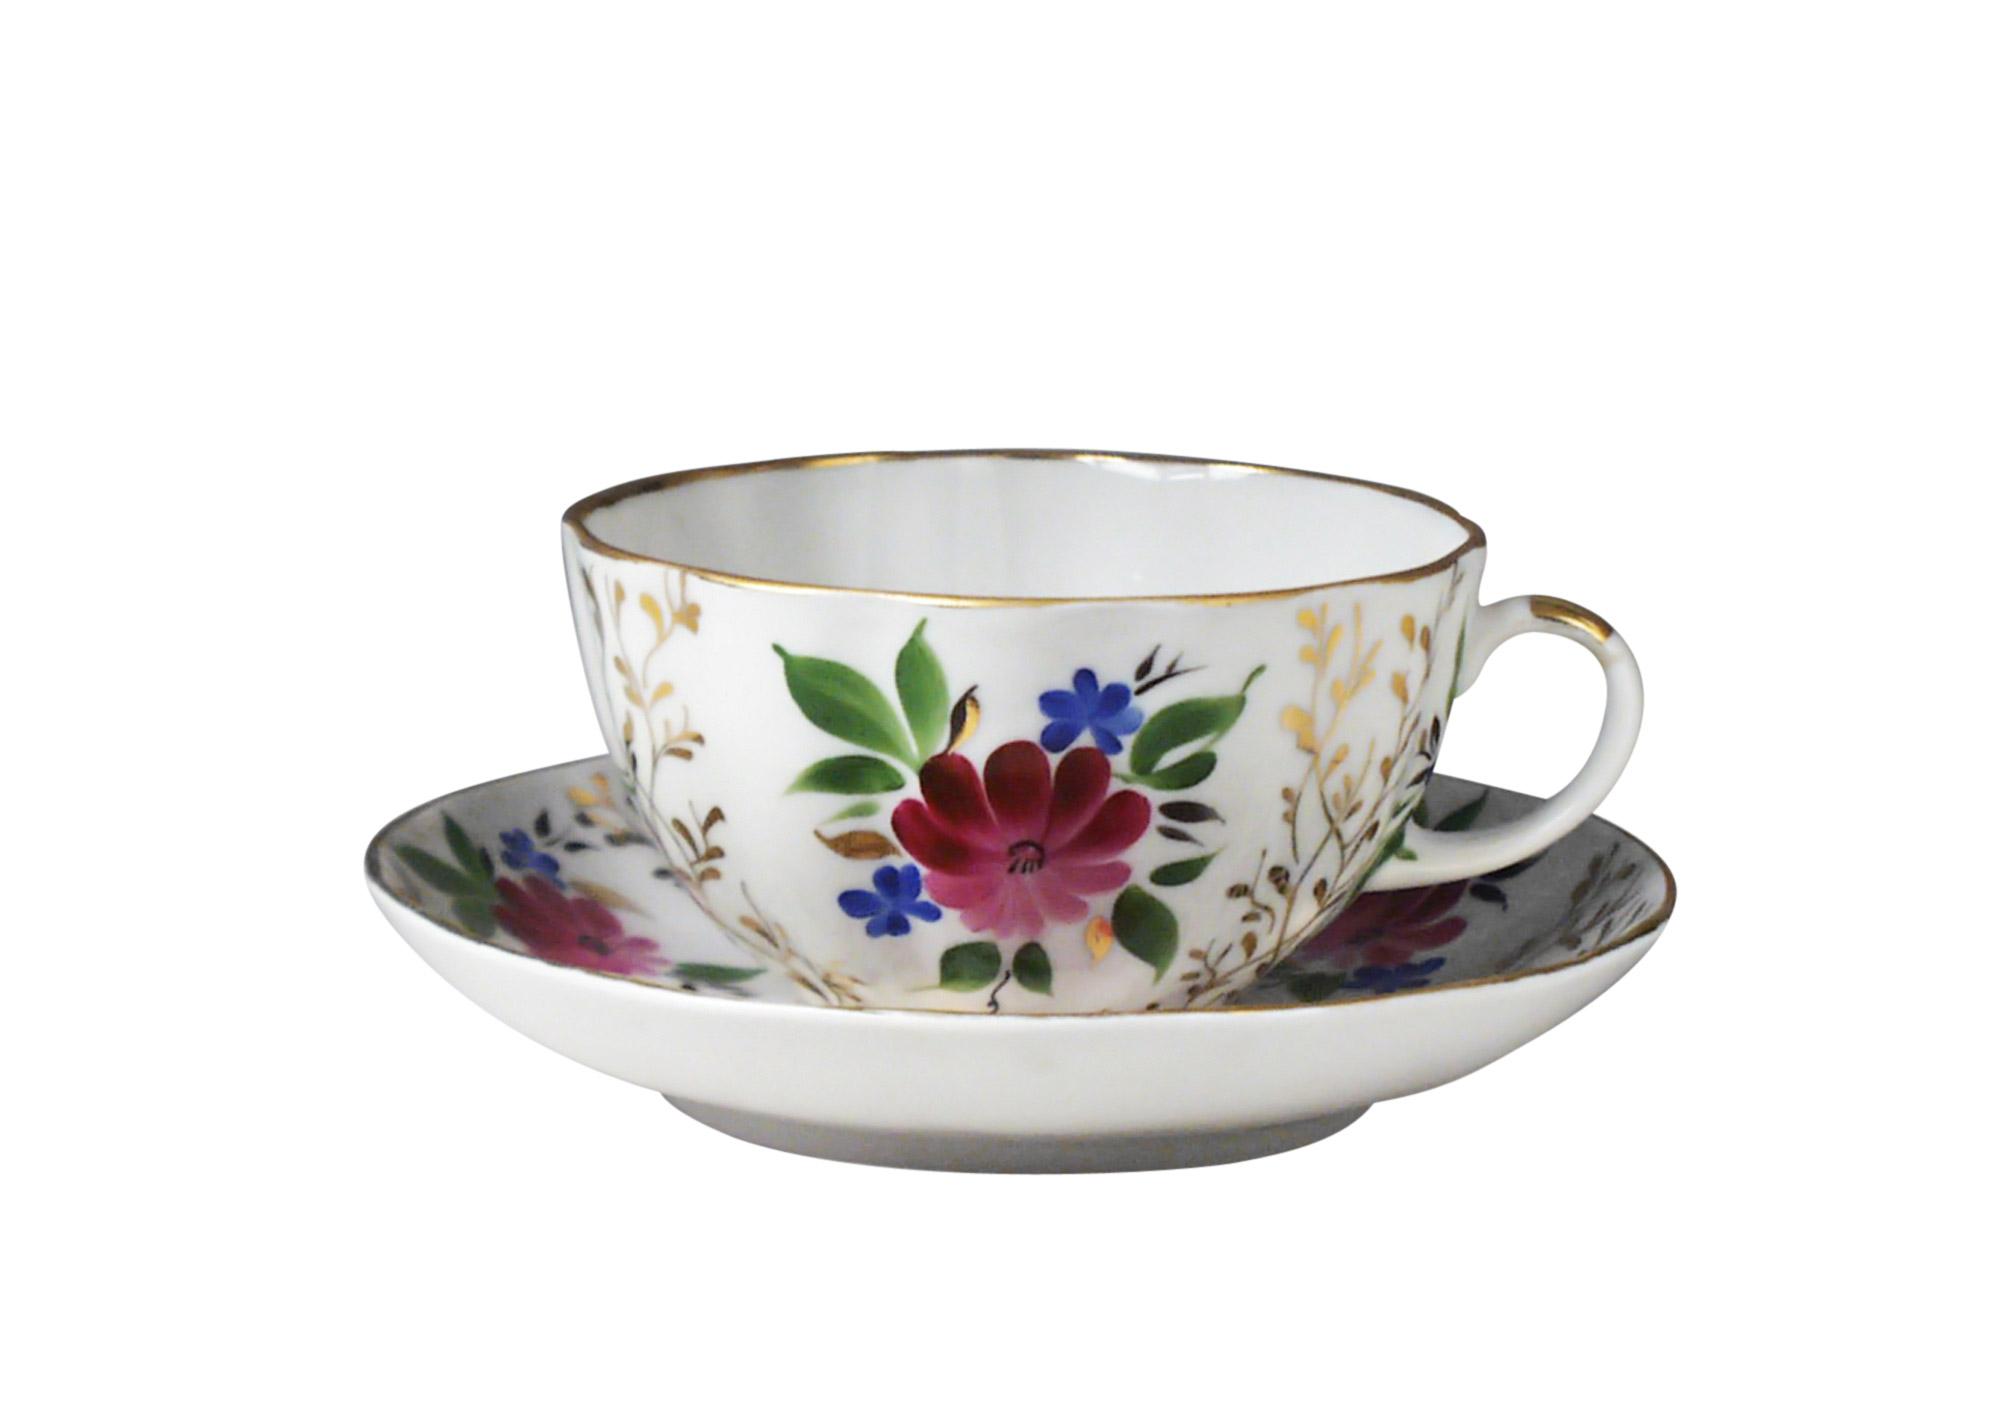 Ceramic Tea Cups And Saucers - Castrophotos